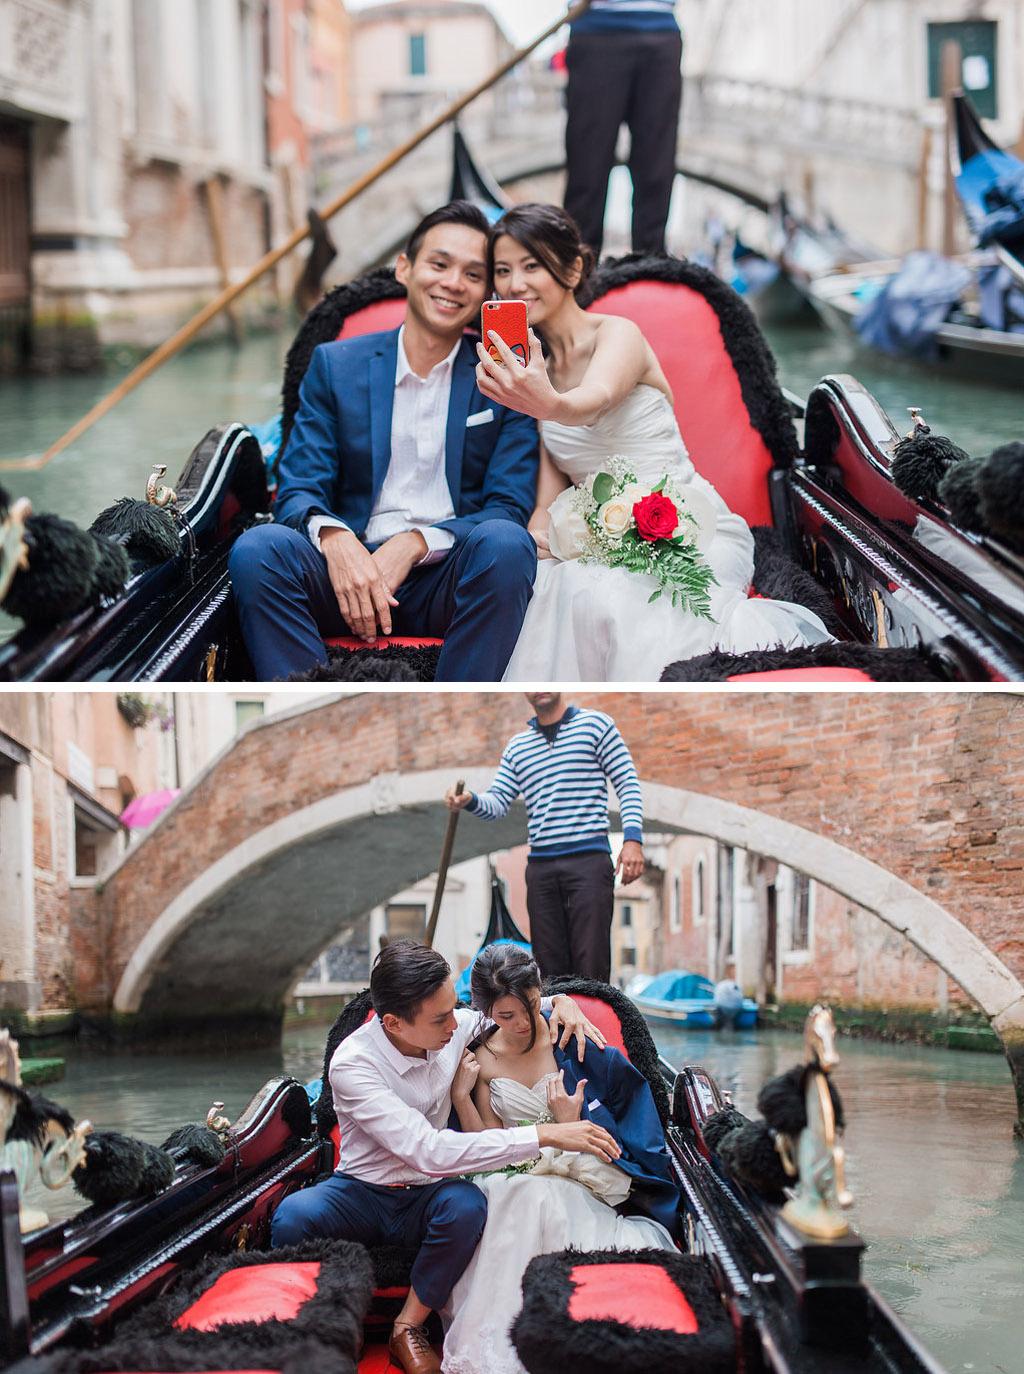 pre-wedding photoshoot in venice italy by valerio di domenica